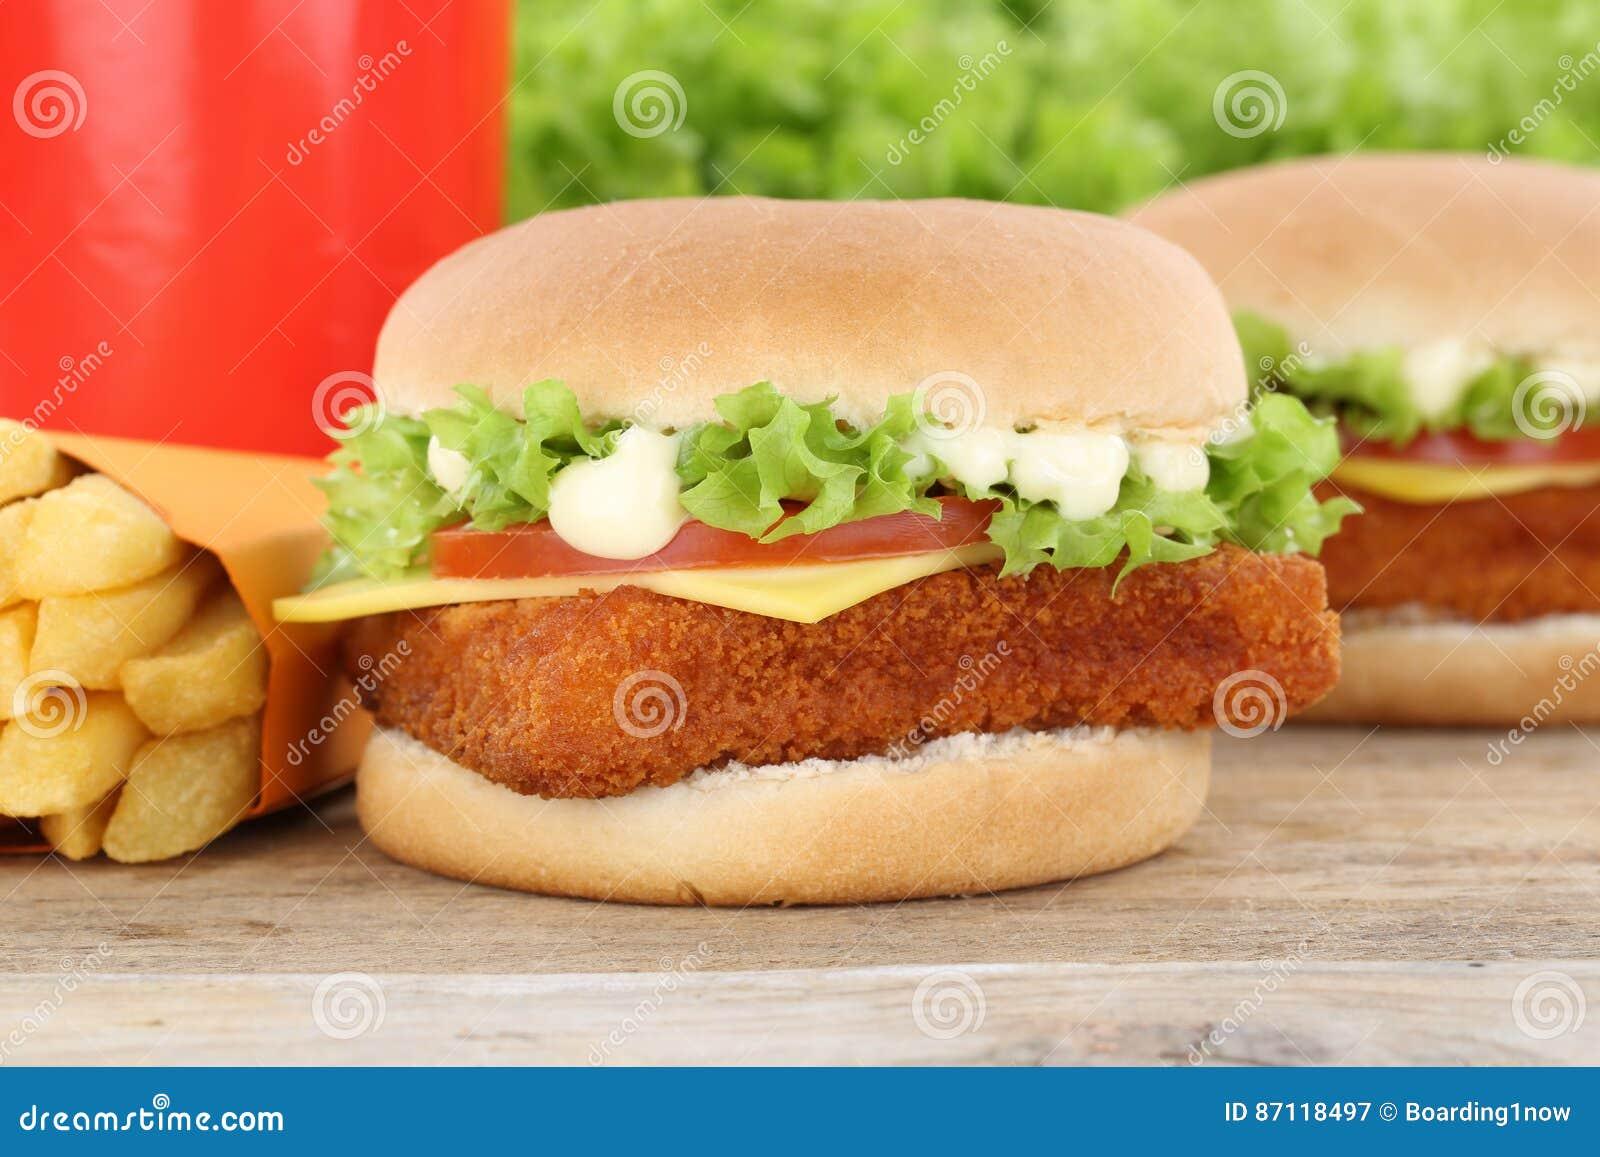 Fish burger fishburger hamburger and fries menu meal combo drink